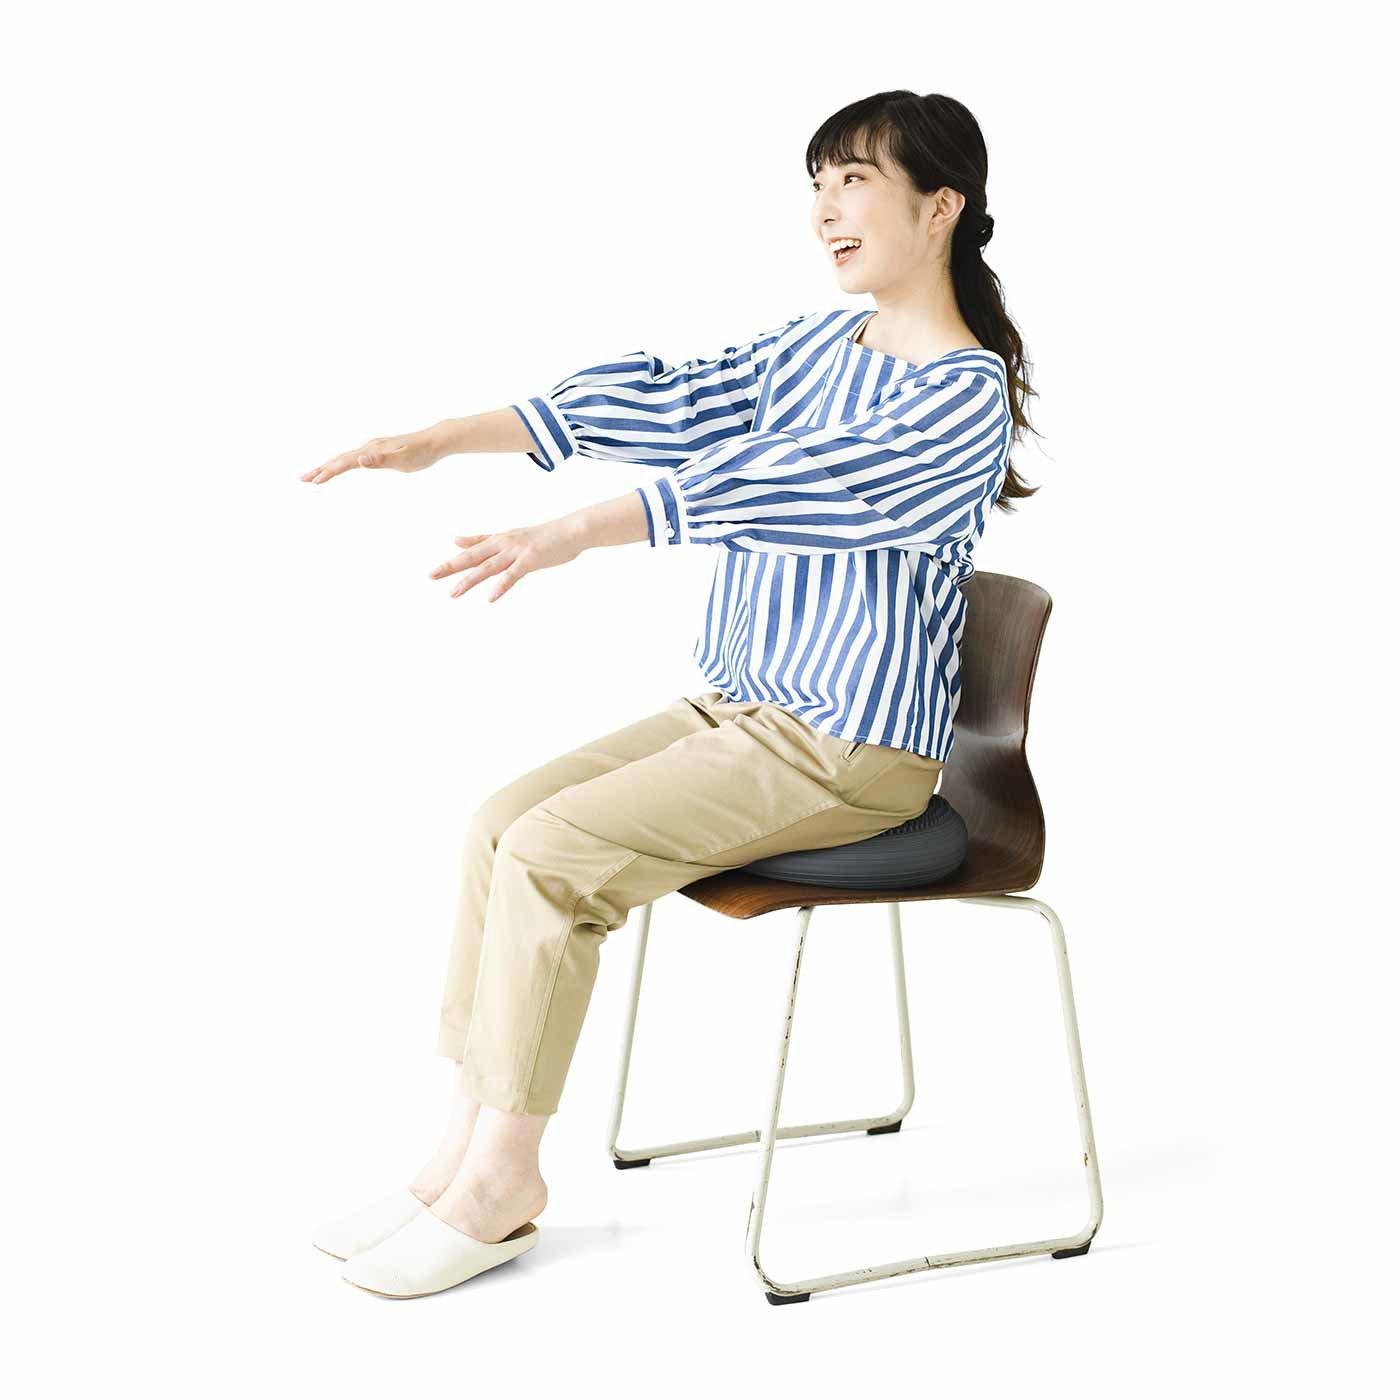 オフィスでもおうちでも 座るだけ簡単エクサ! タニタのバランスクッション